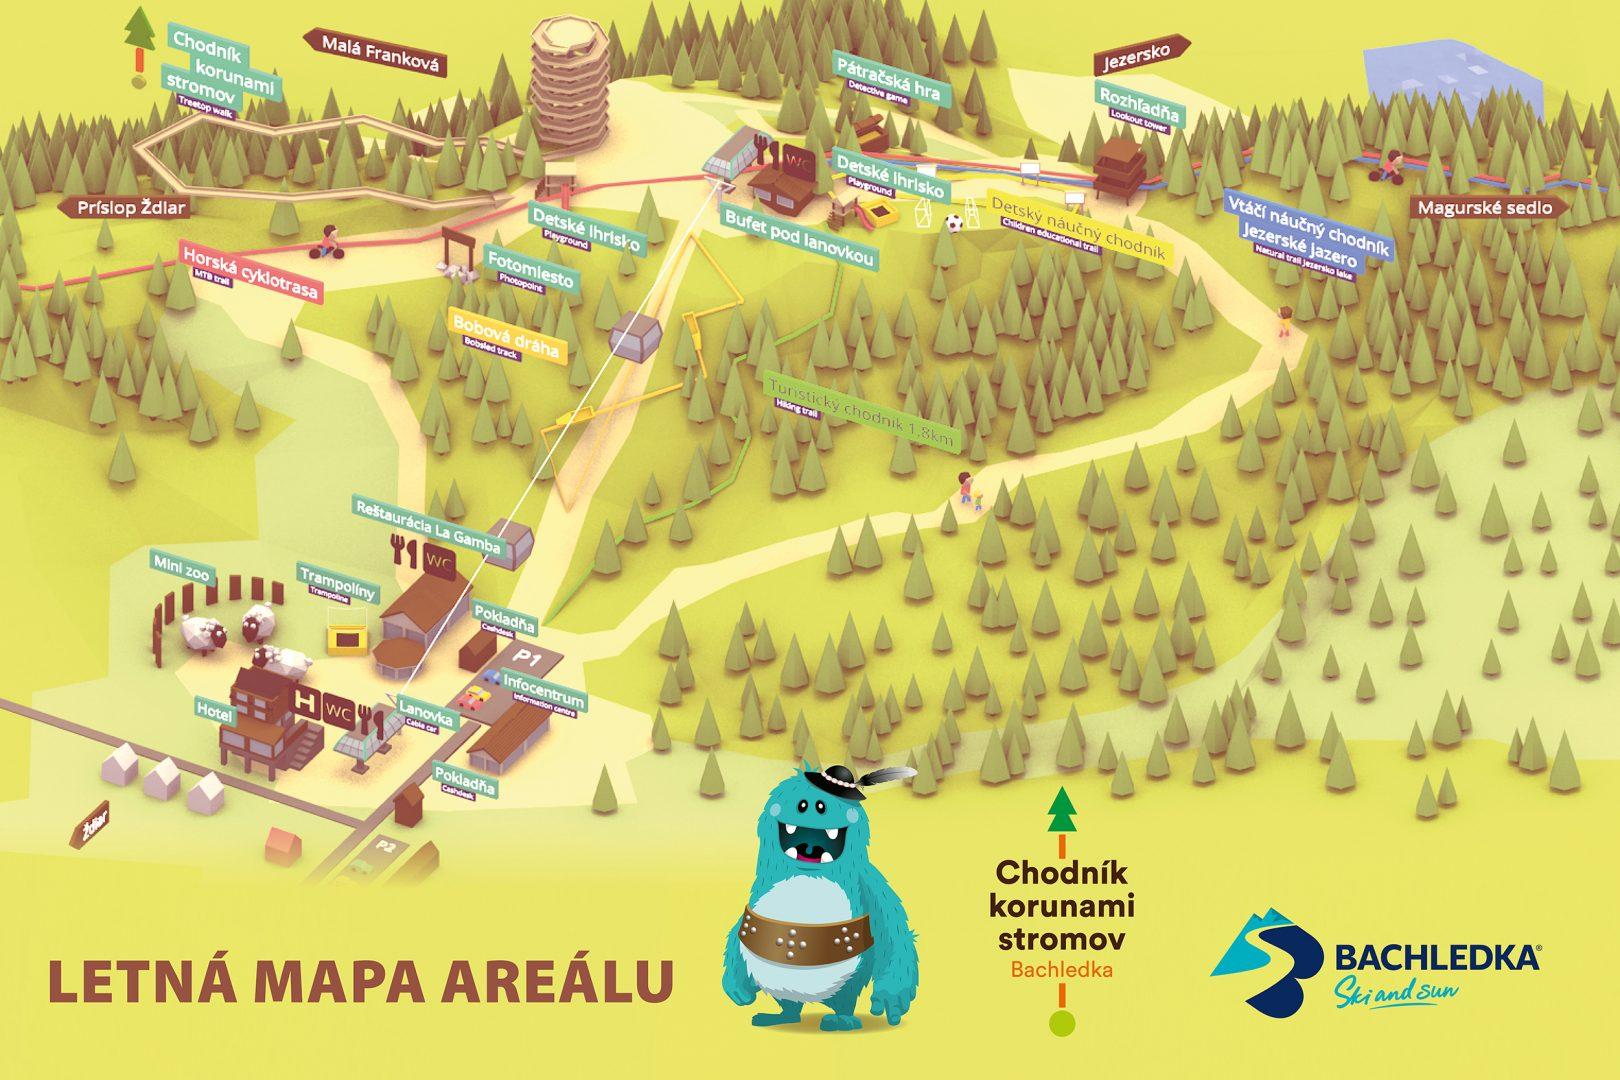 Mapa_Bachledka_Leto_2018_web1